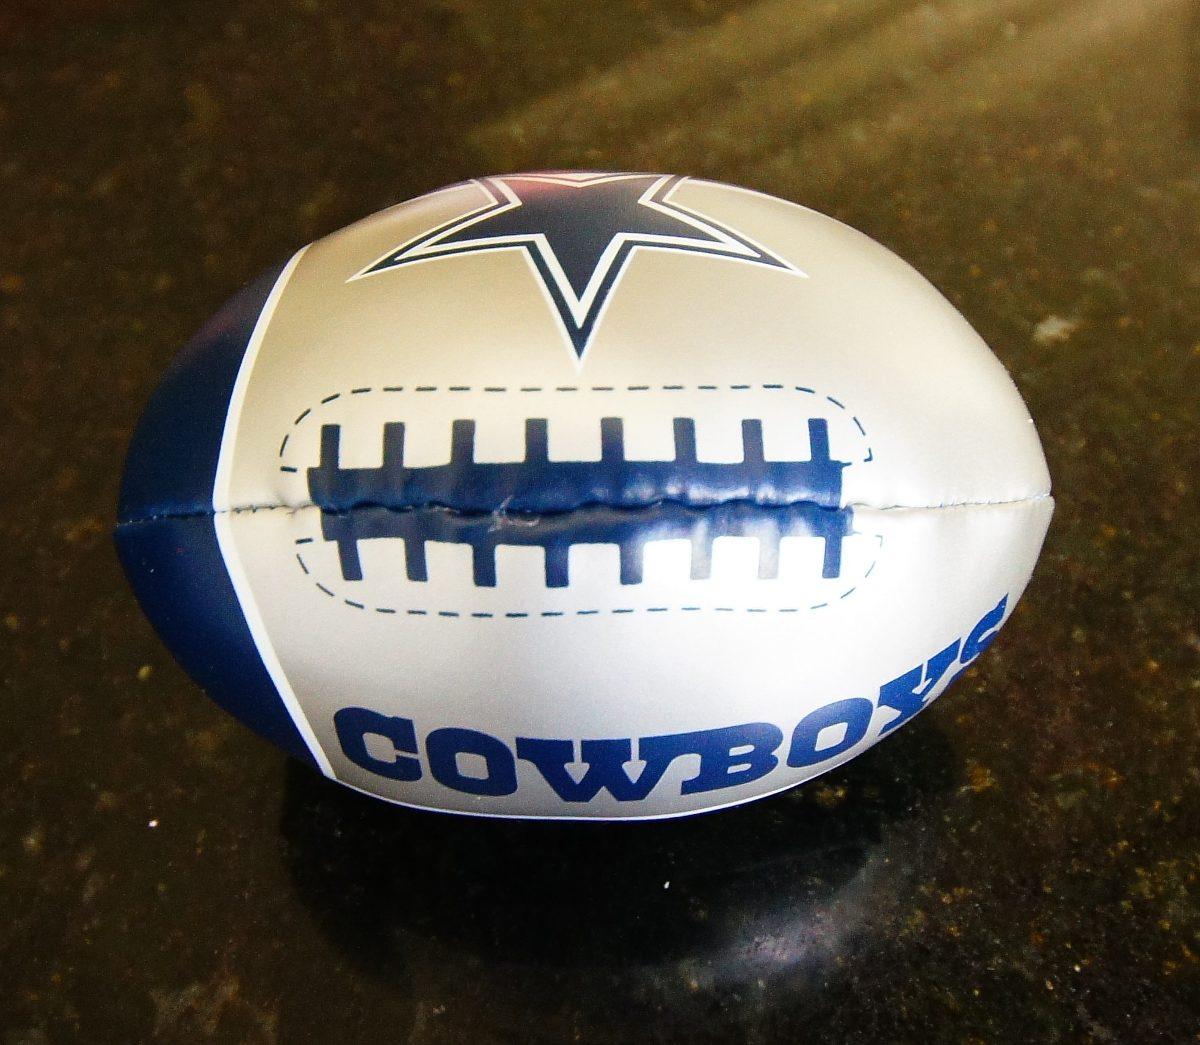 0f66019fce794 mini bola futebol americano - nfl - broncos ou cowboys. Carregando zoom.